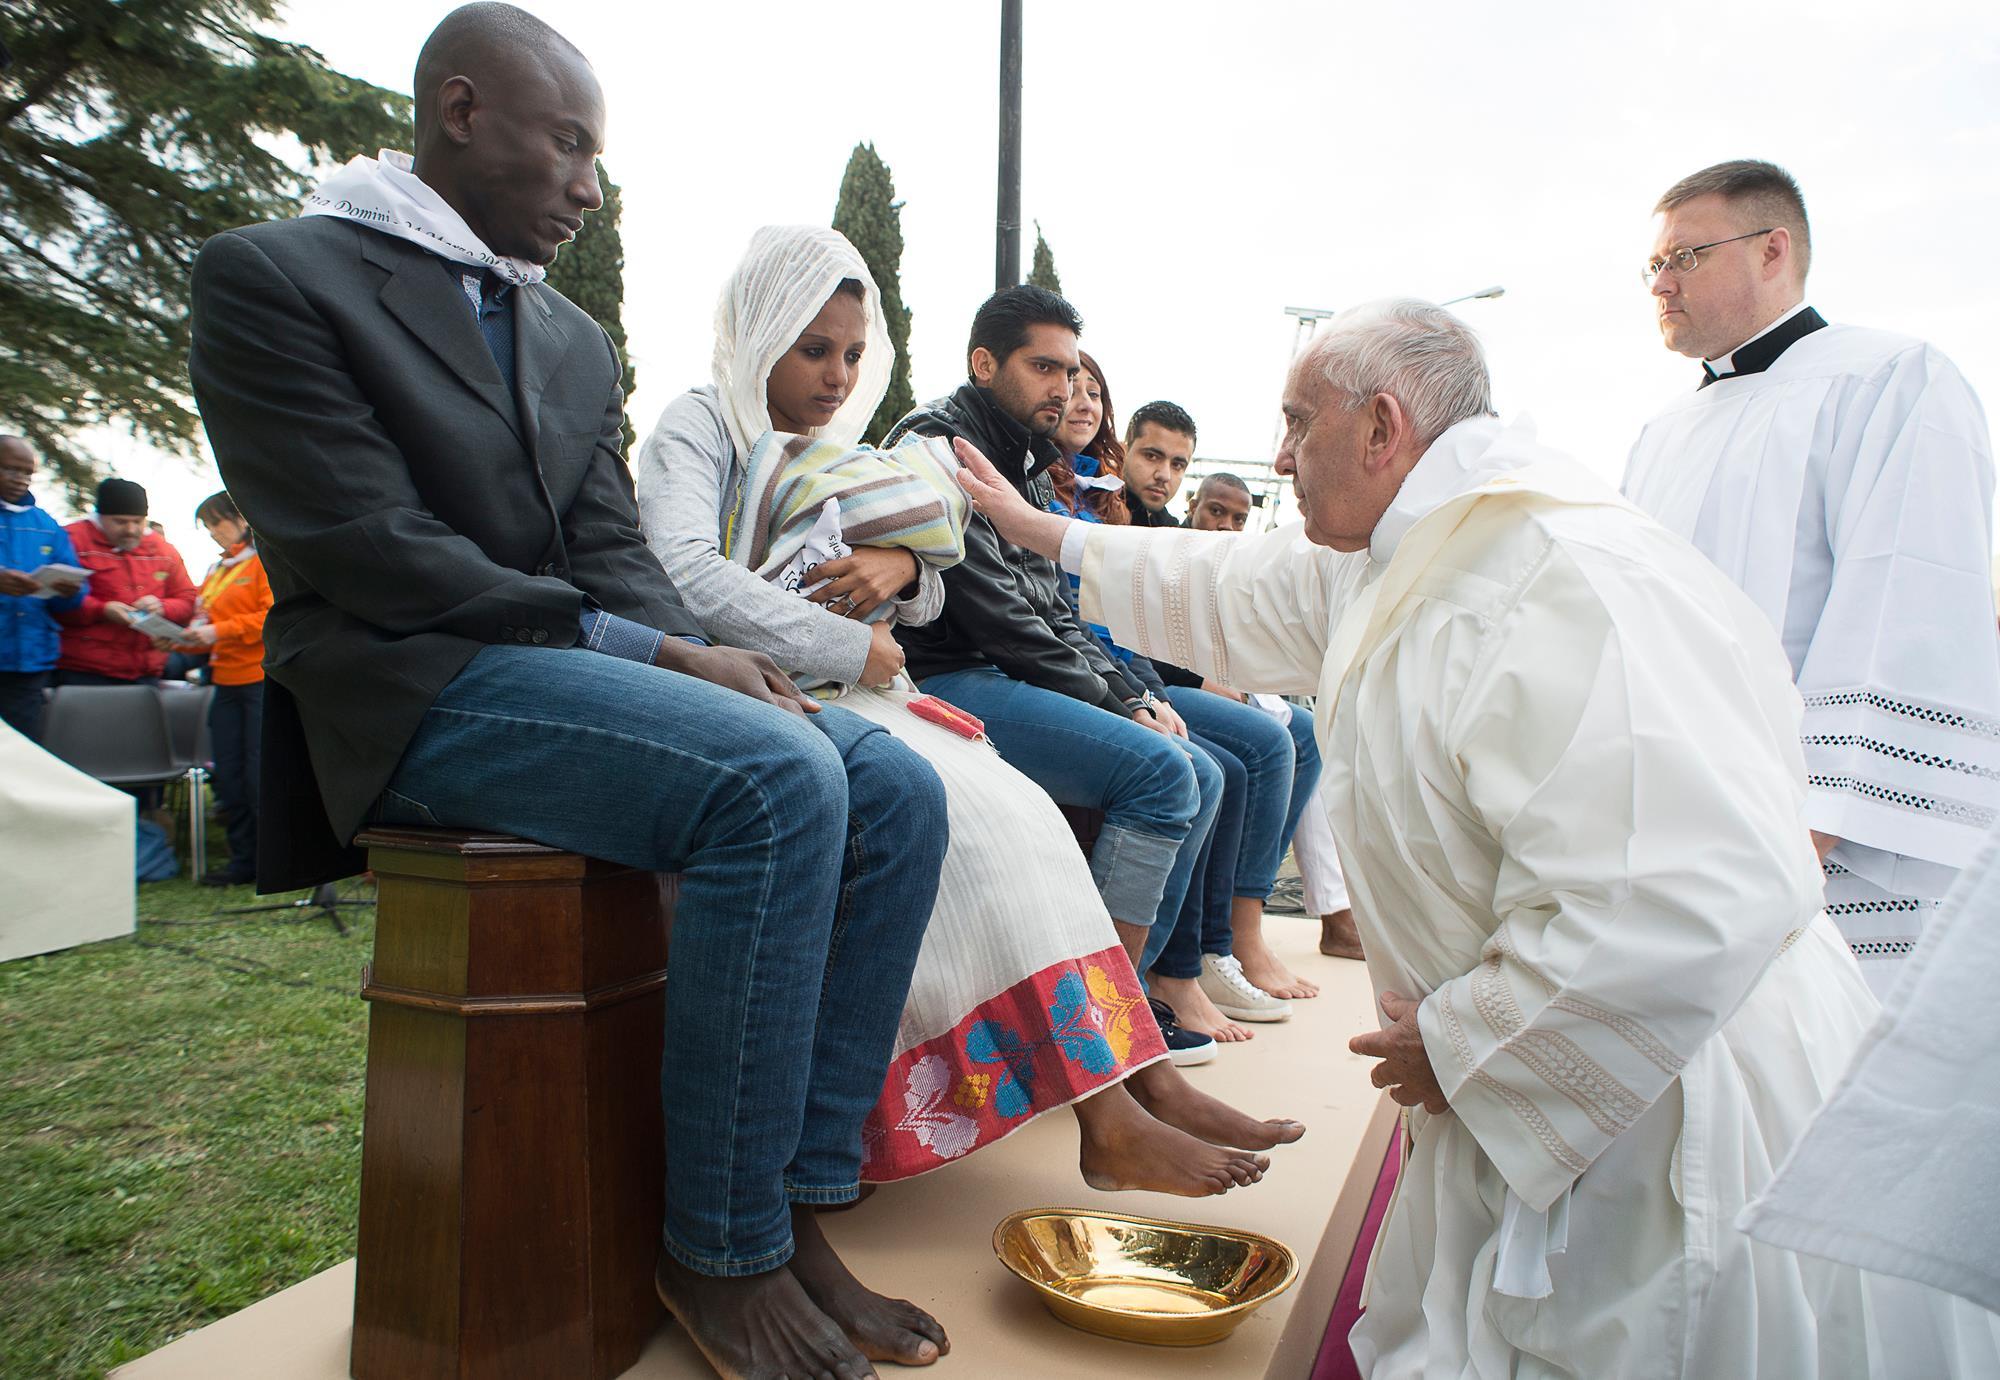 Папа — мигрантам: мы дети одного Бога и хотим жить в мире